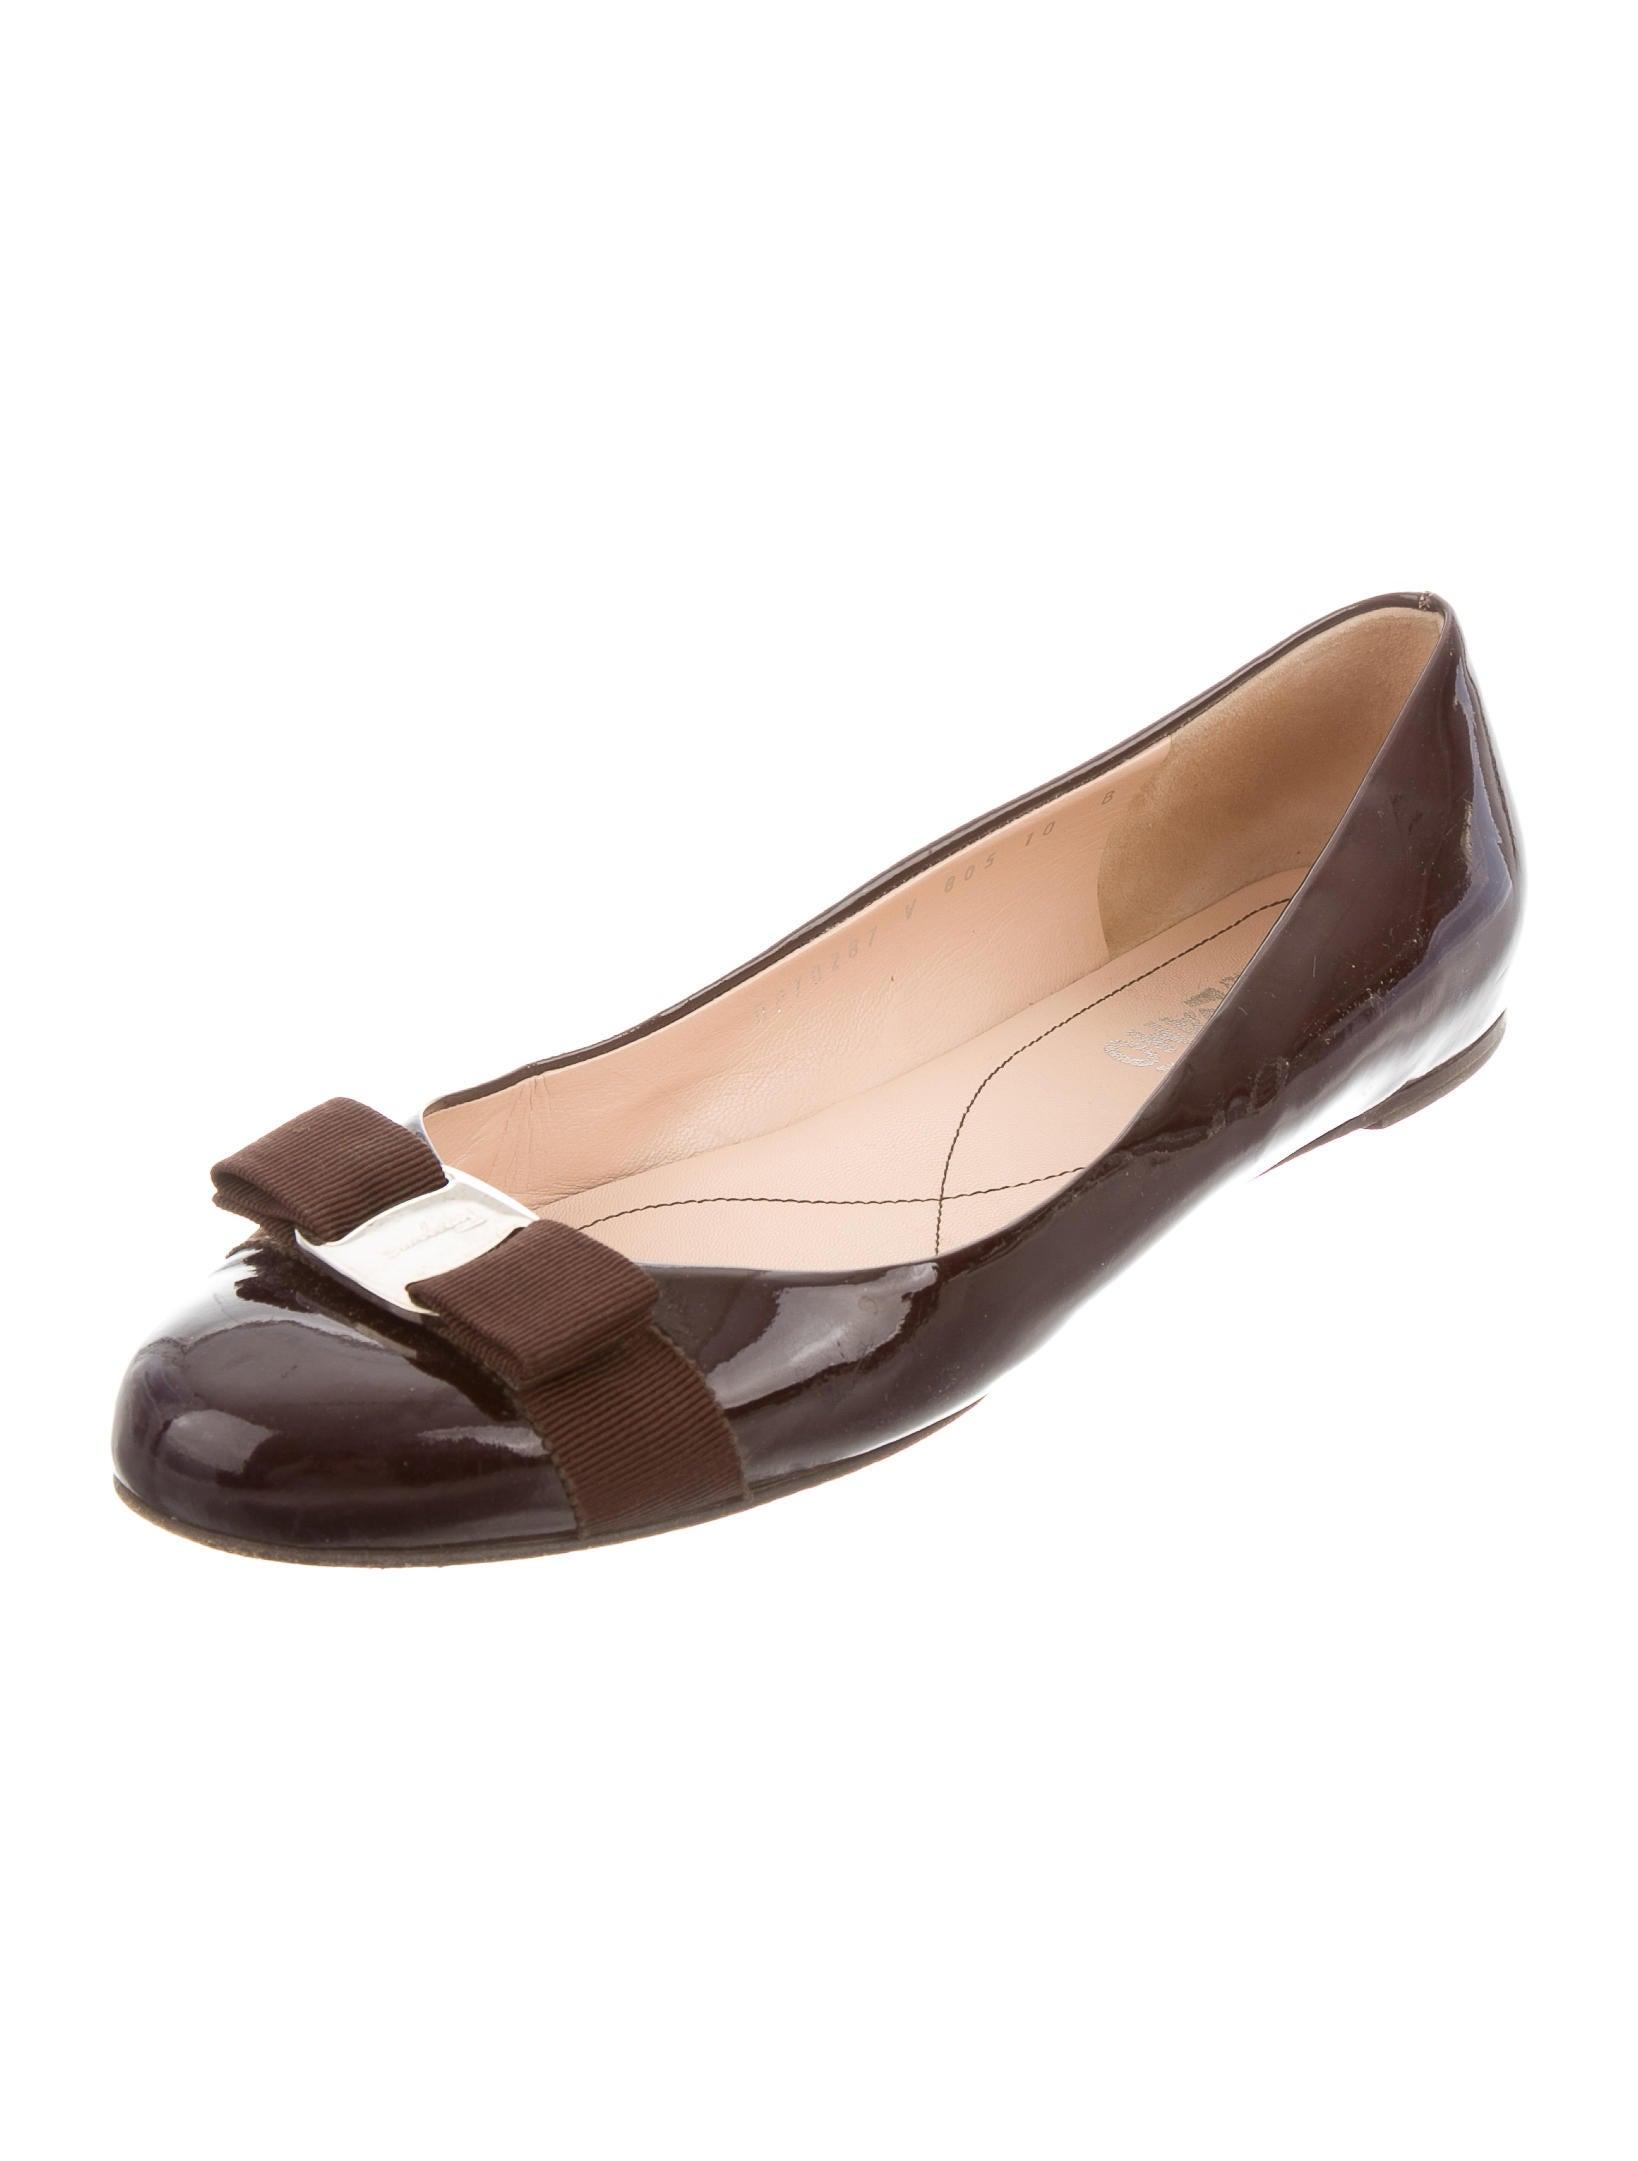 Real Ferragamo Shoes Sale